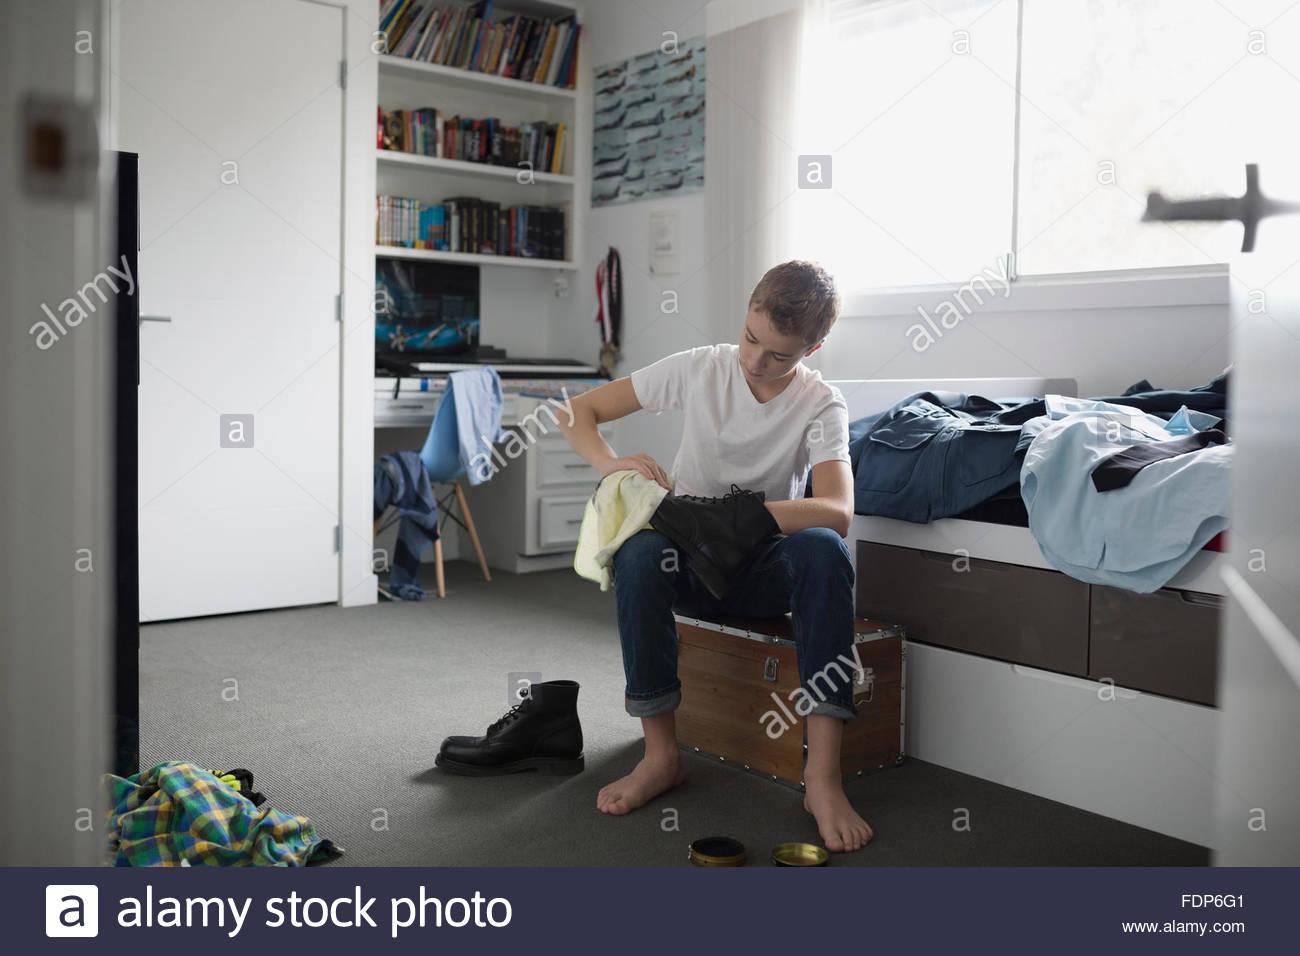 Junge, strahlende Kadett einheitliche Schuhe im Schlafzimmer Stockbild